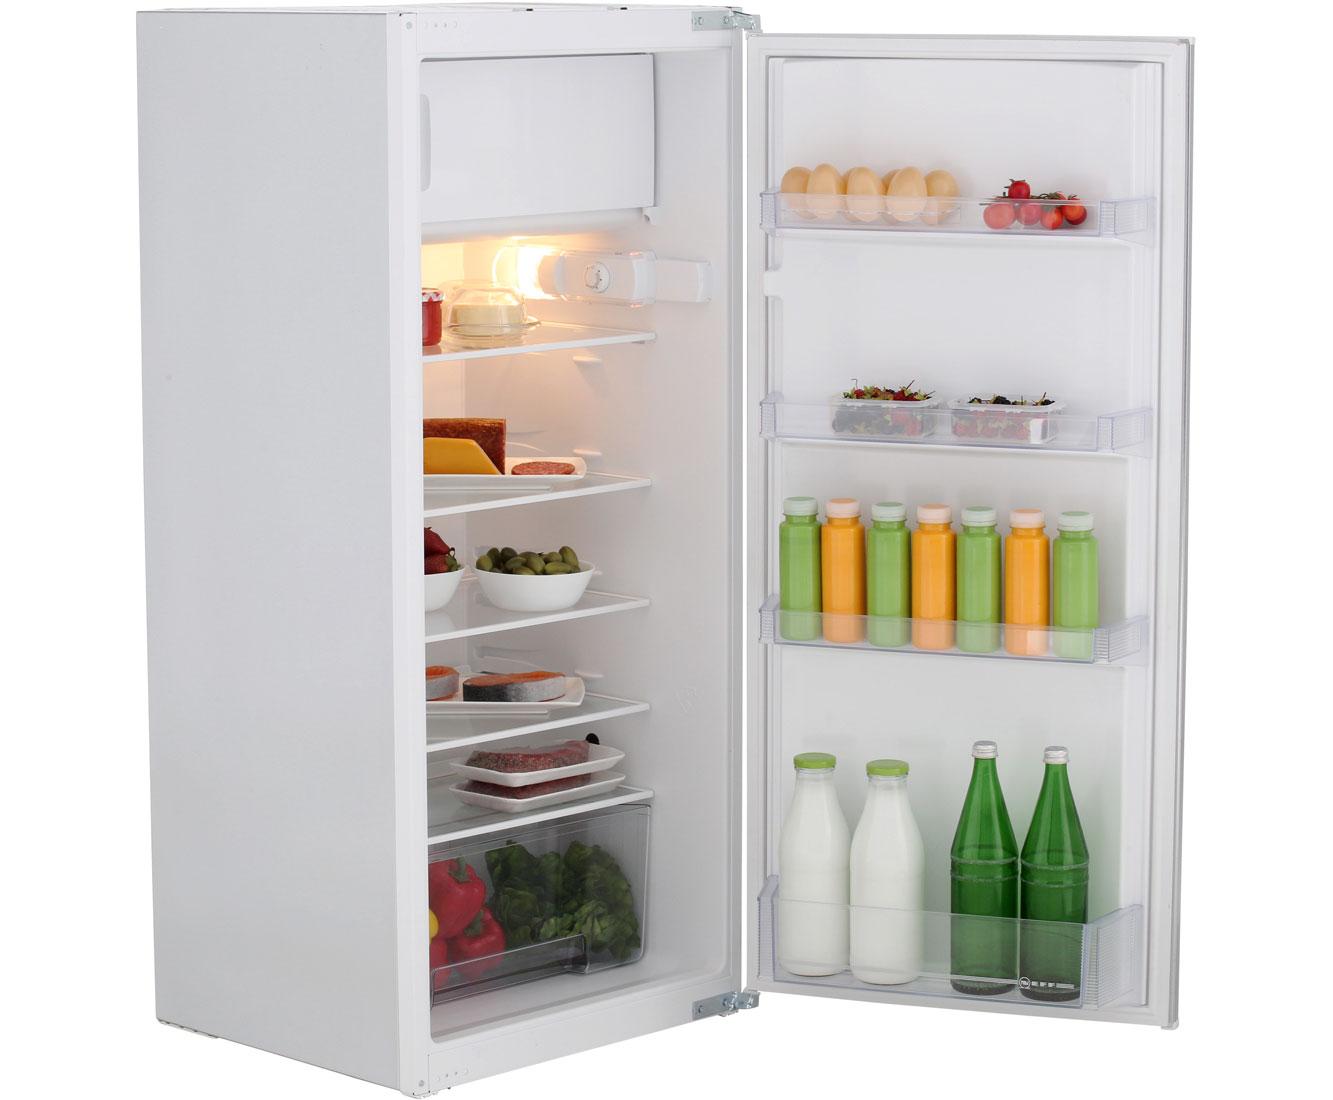 Gorenje Einbau Kühlschrank 122 Cm : Einbaukühlschränke gefrierfach preisvergleich u die besten